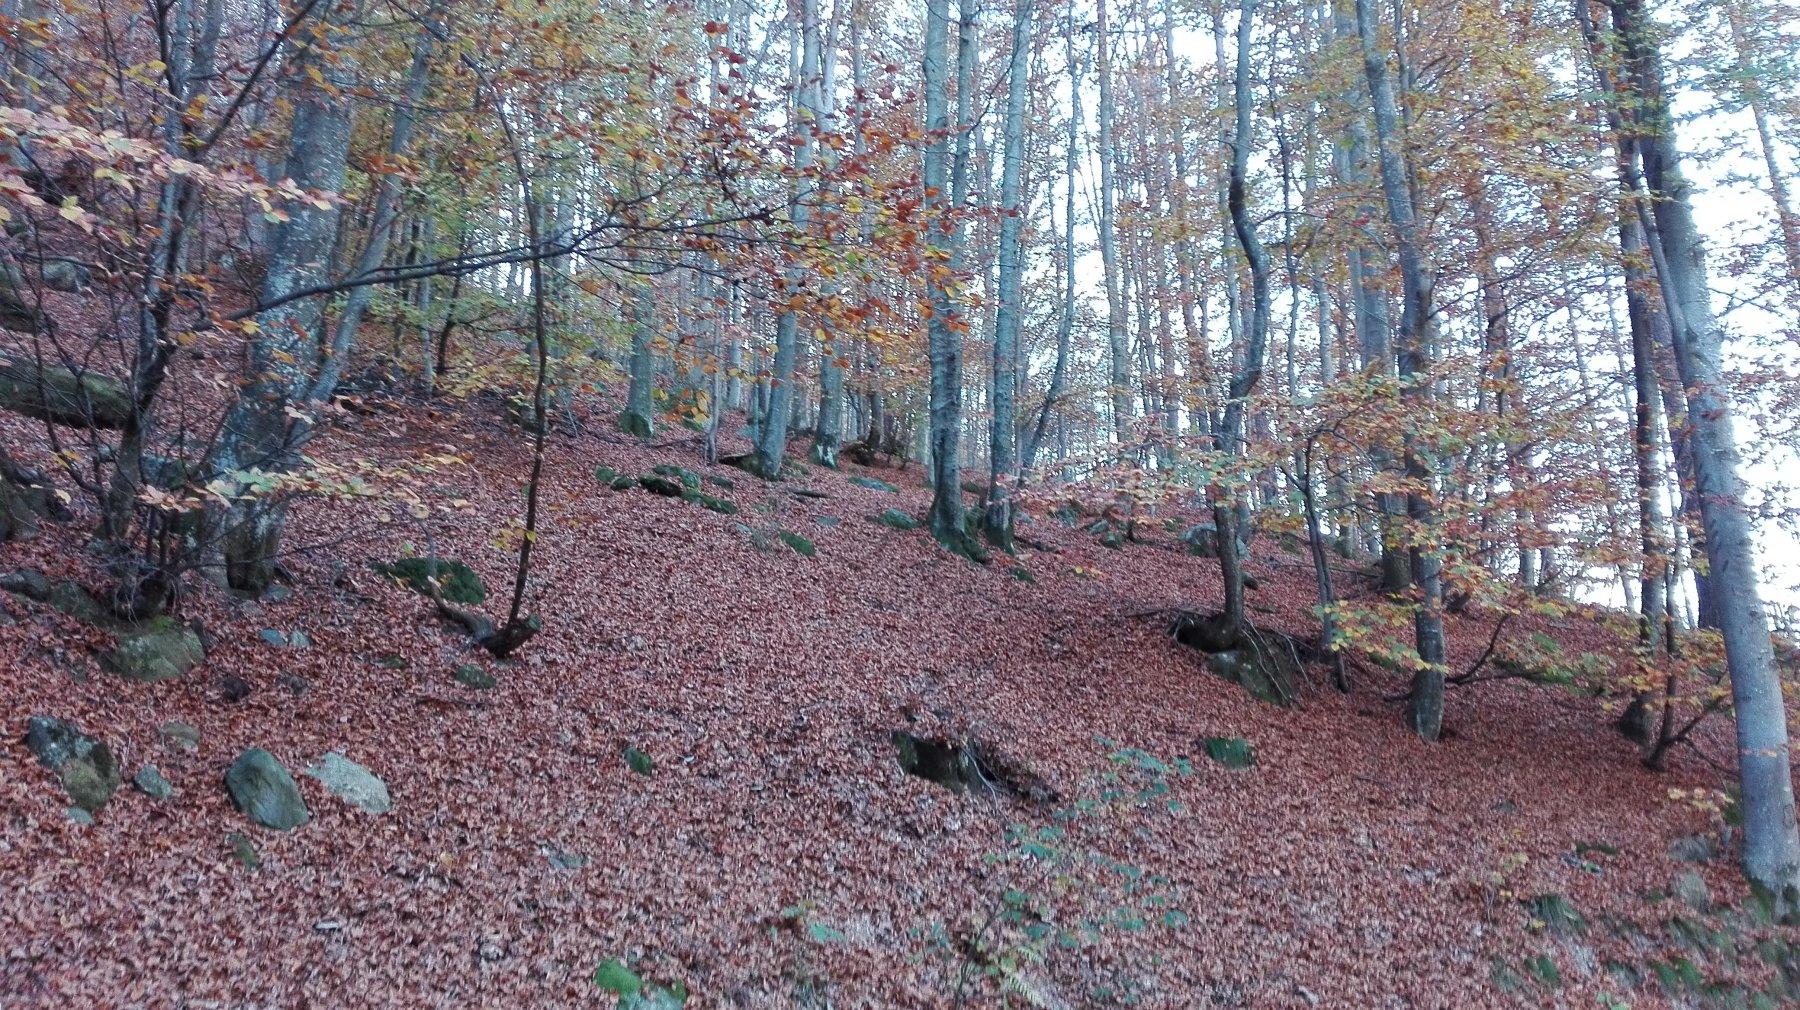 il bosco in autunno